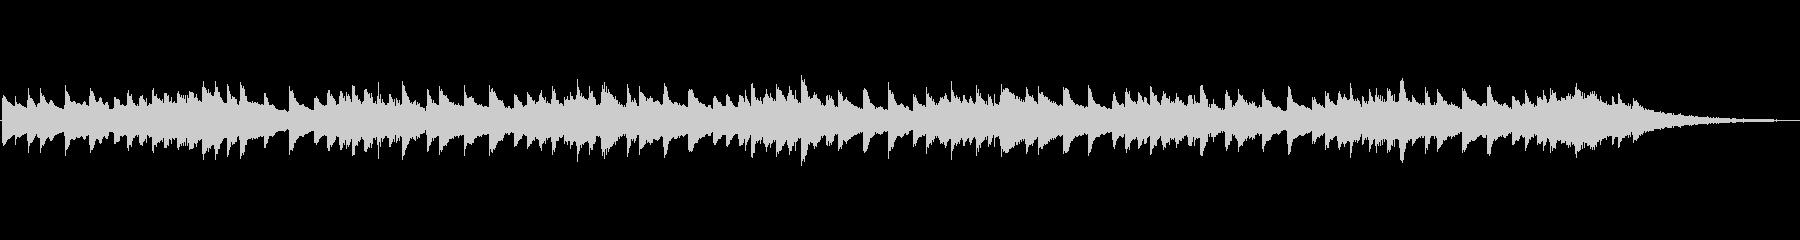 アラーム音-1 30秒の未再生の波形